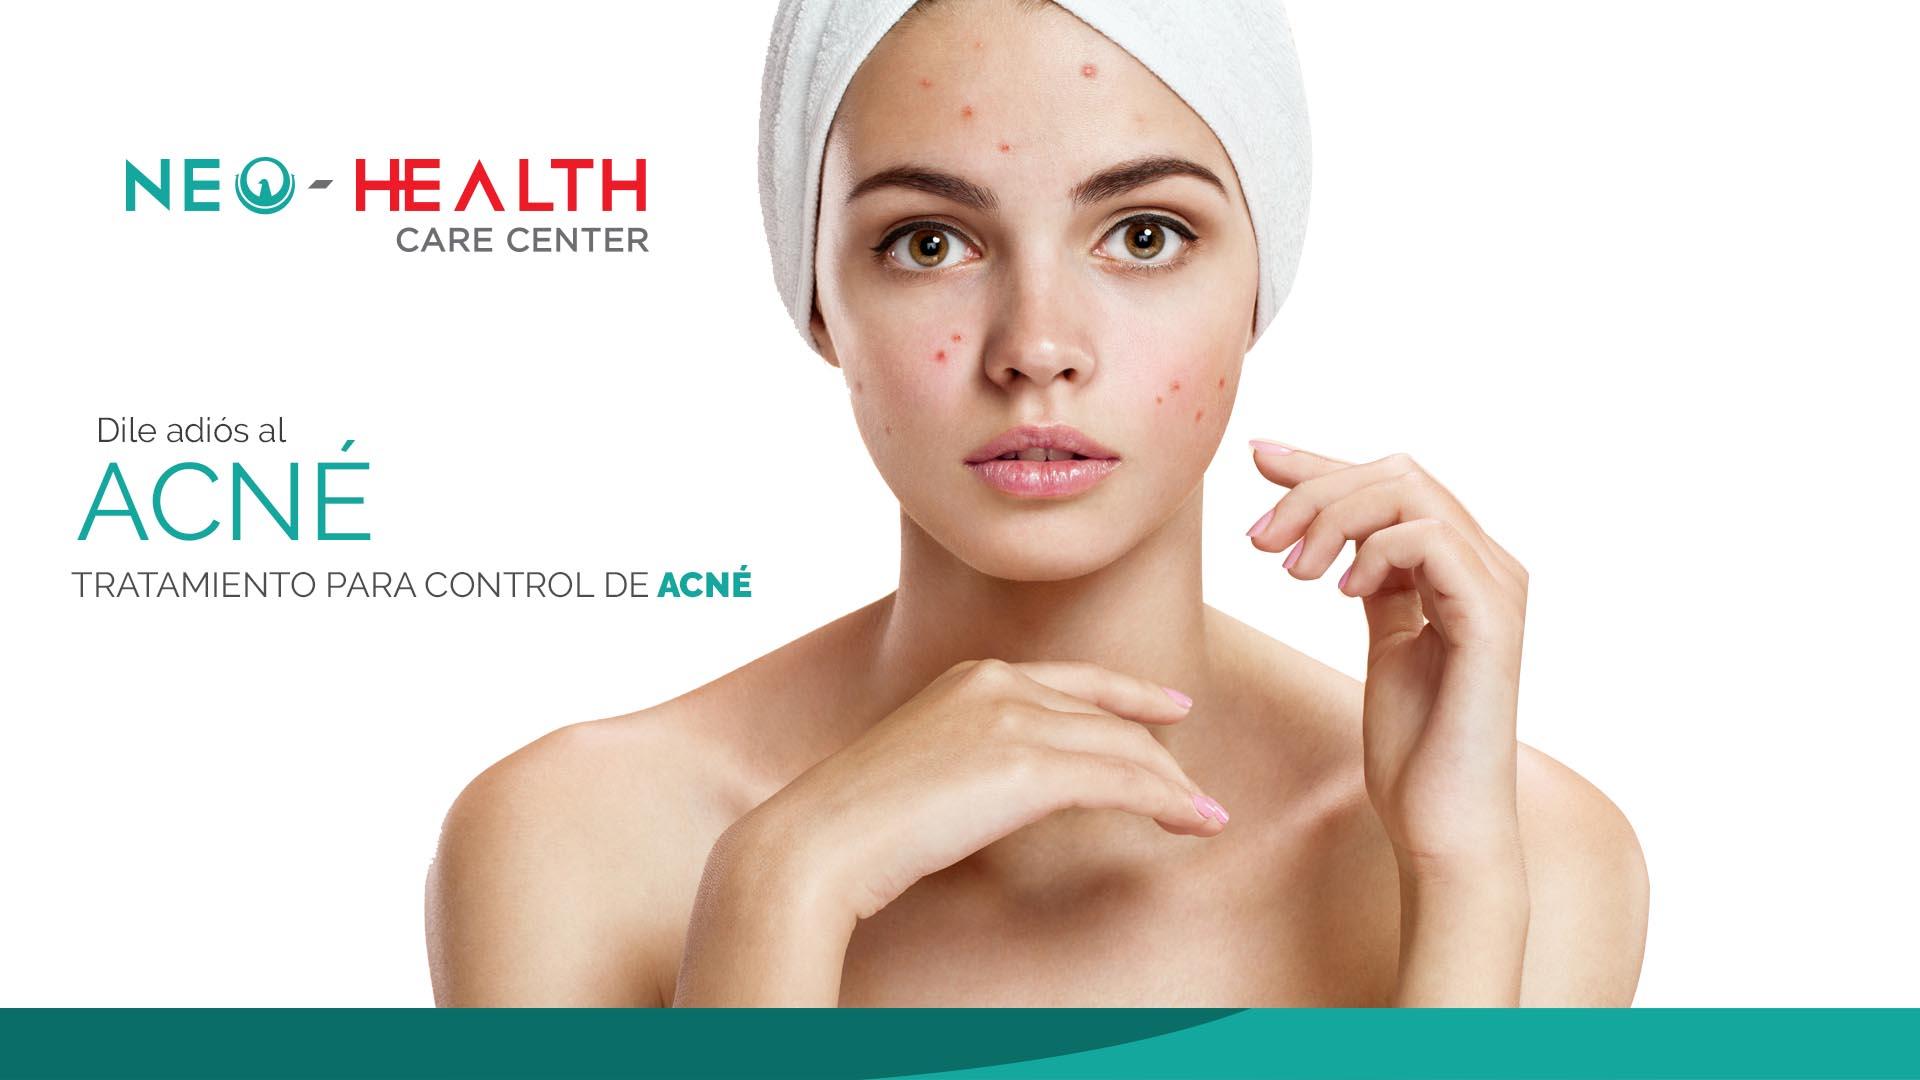 Tratamientos para el control de acné en queretaro